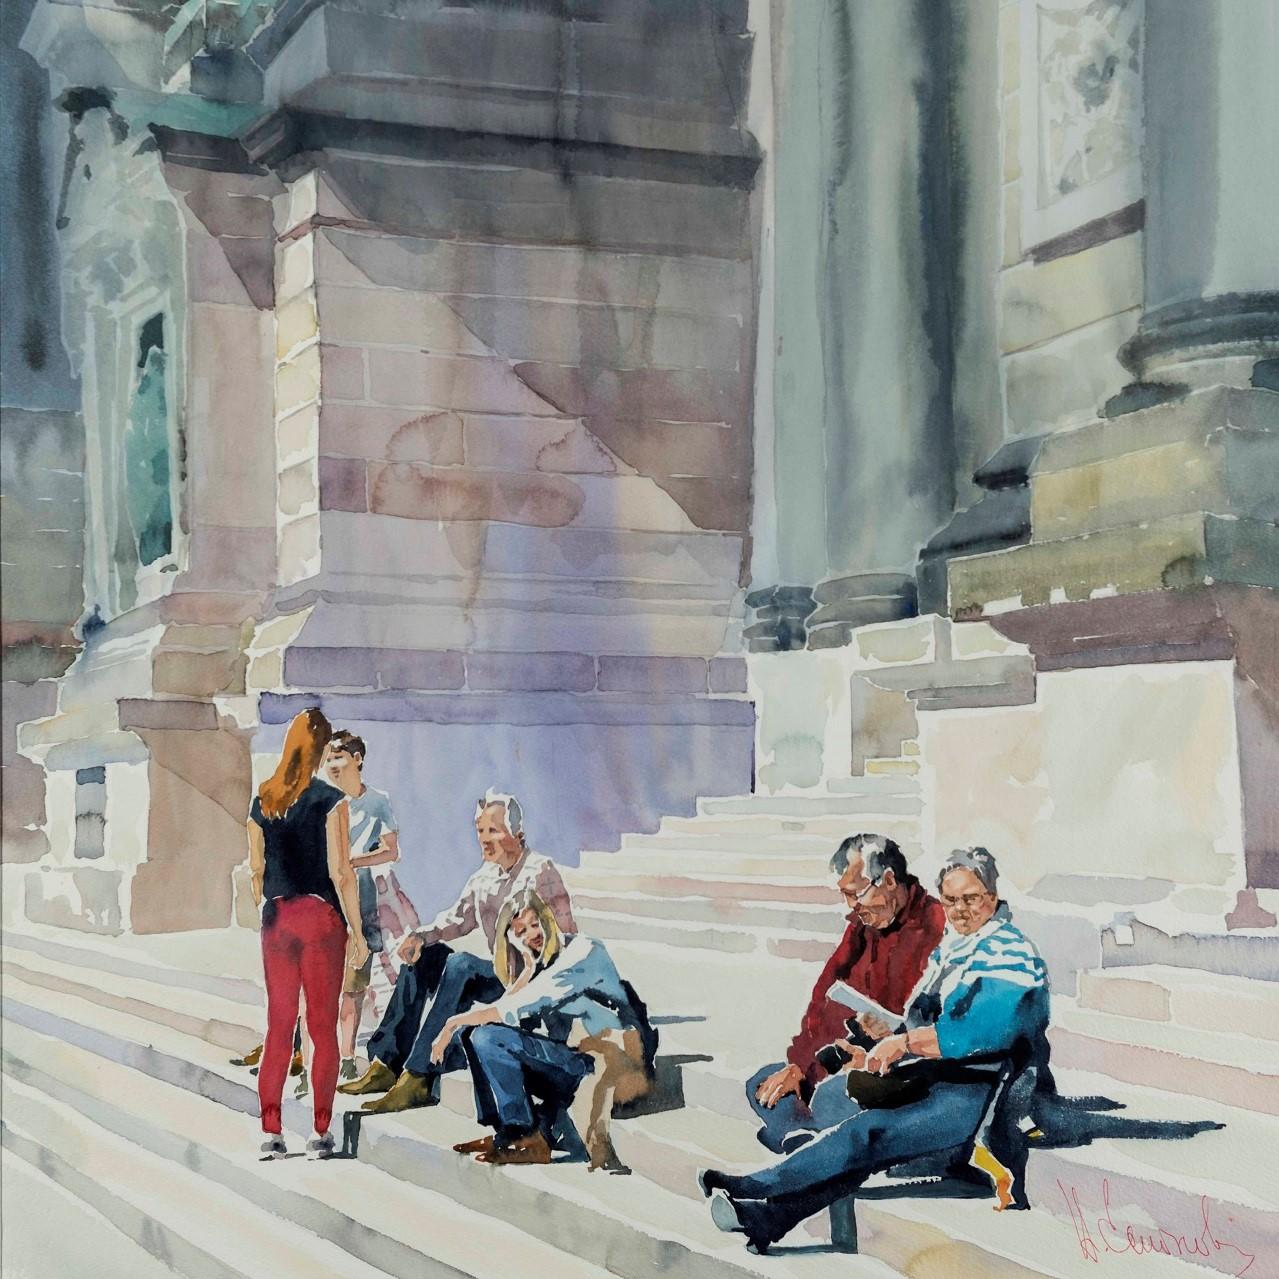 Musei di San Salvatore in Lauro, Roma | Andrey Esionov